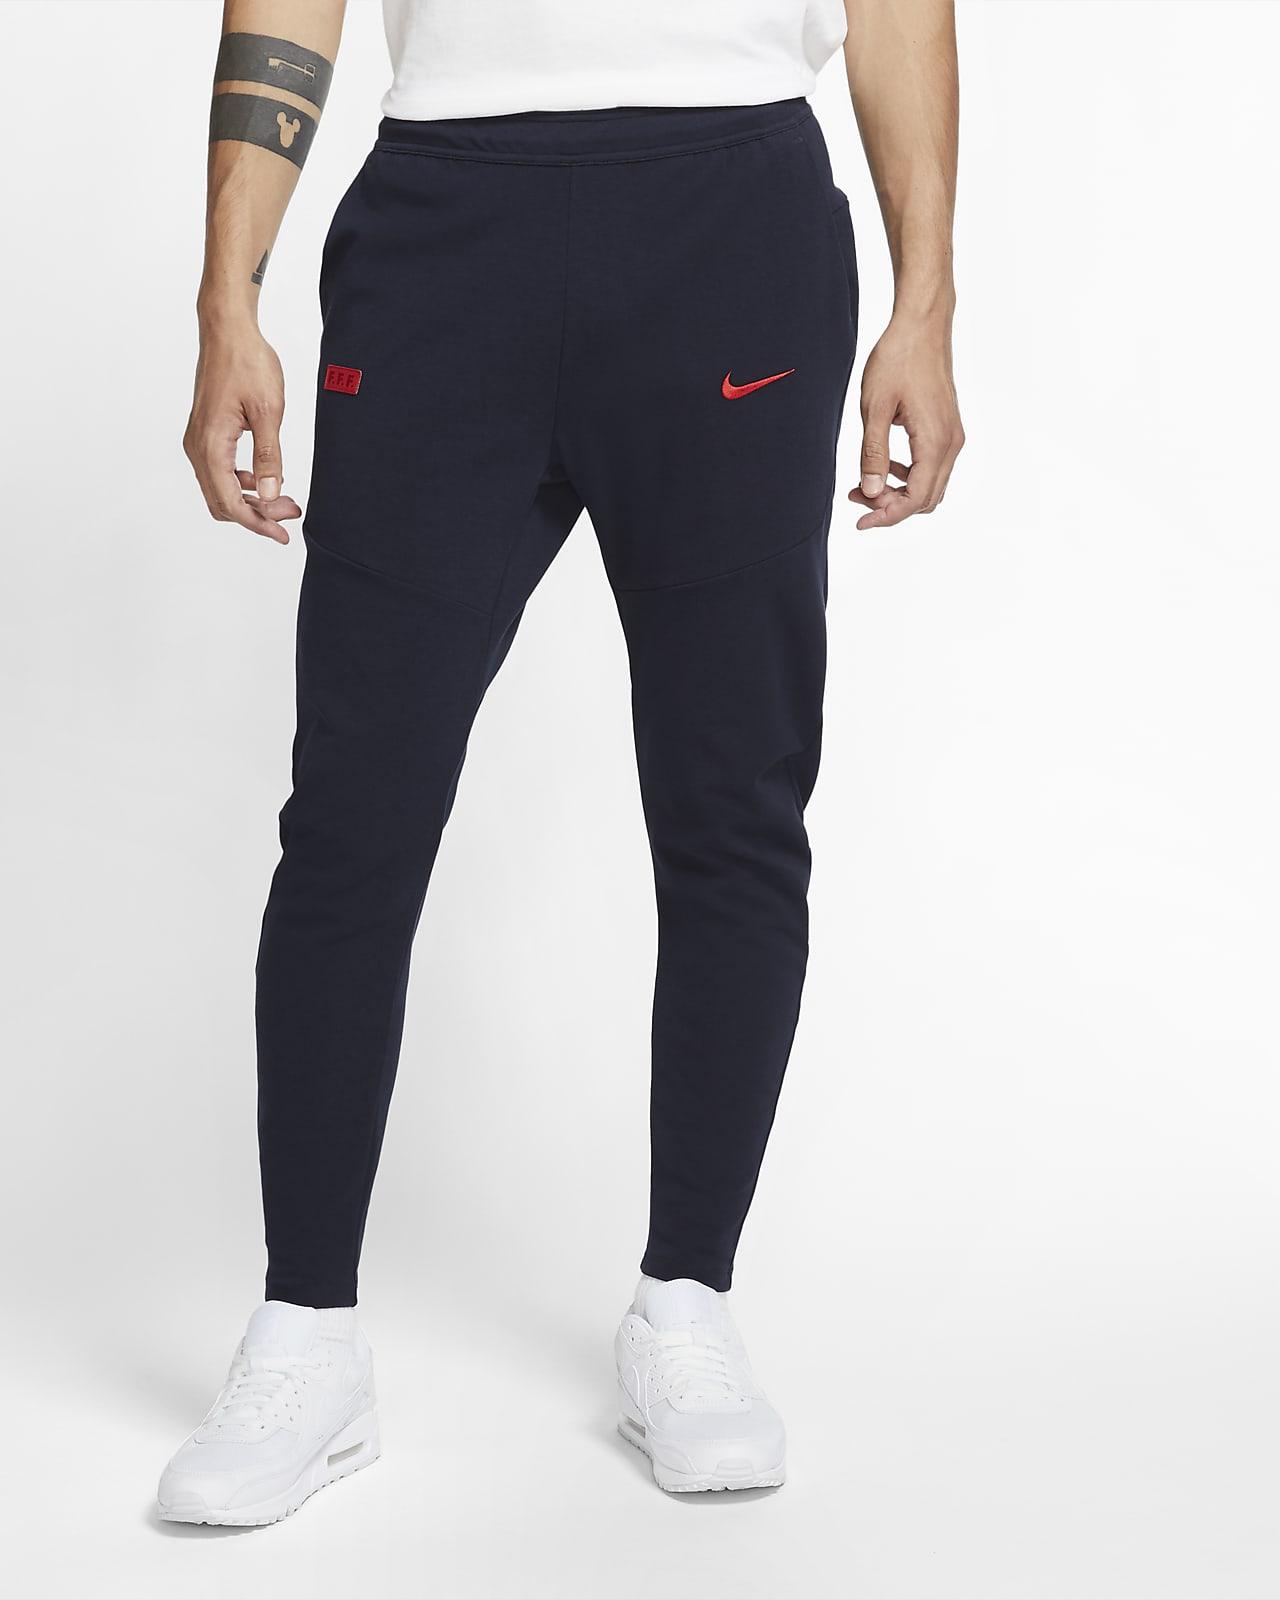 Pantaloni FFF Tech - Uomo